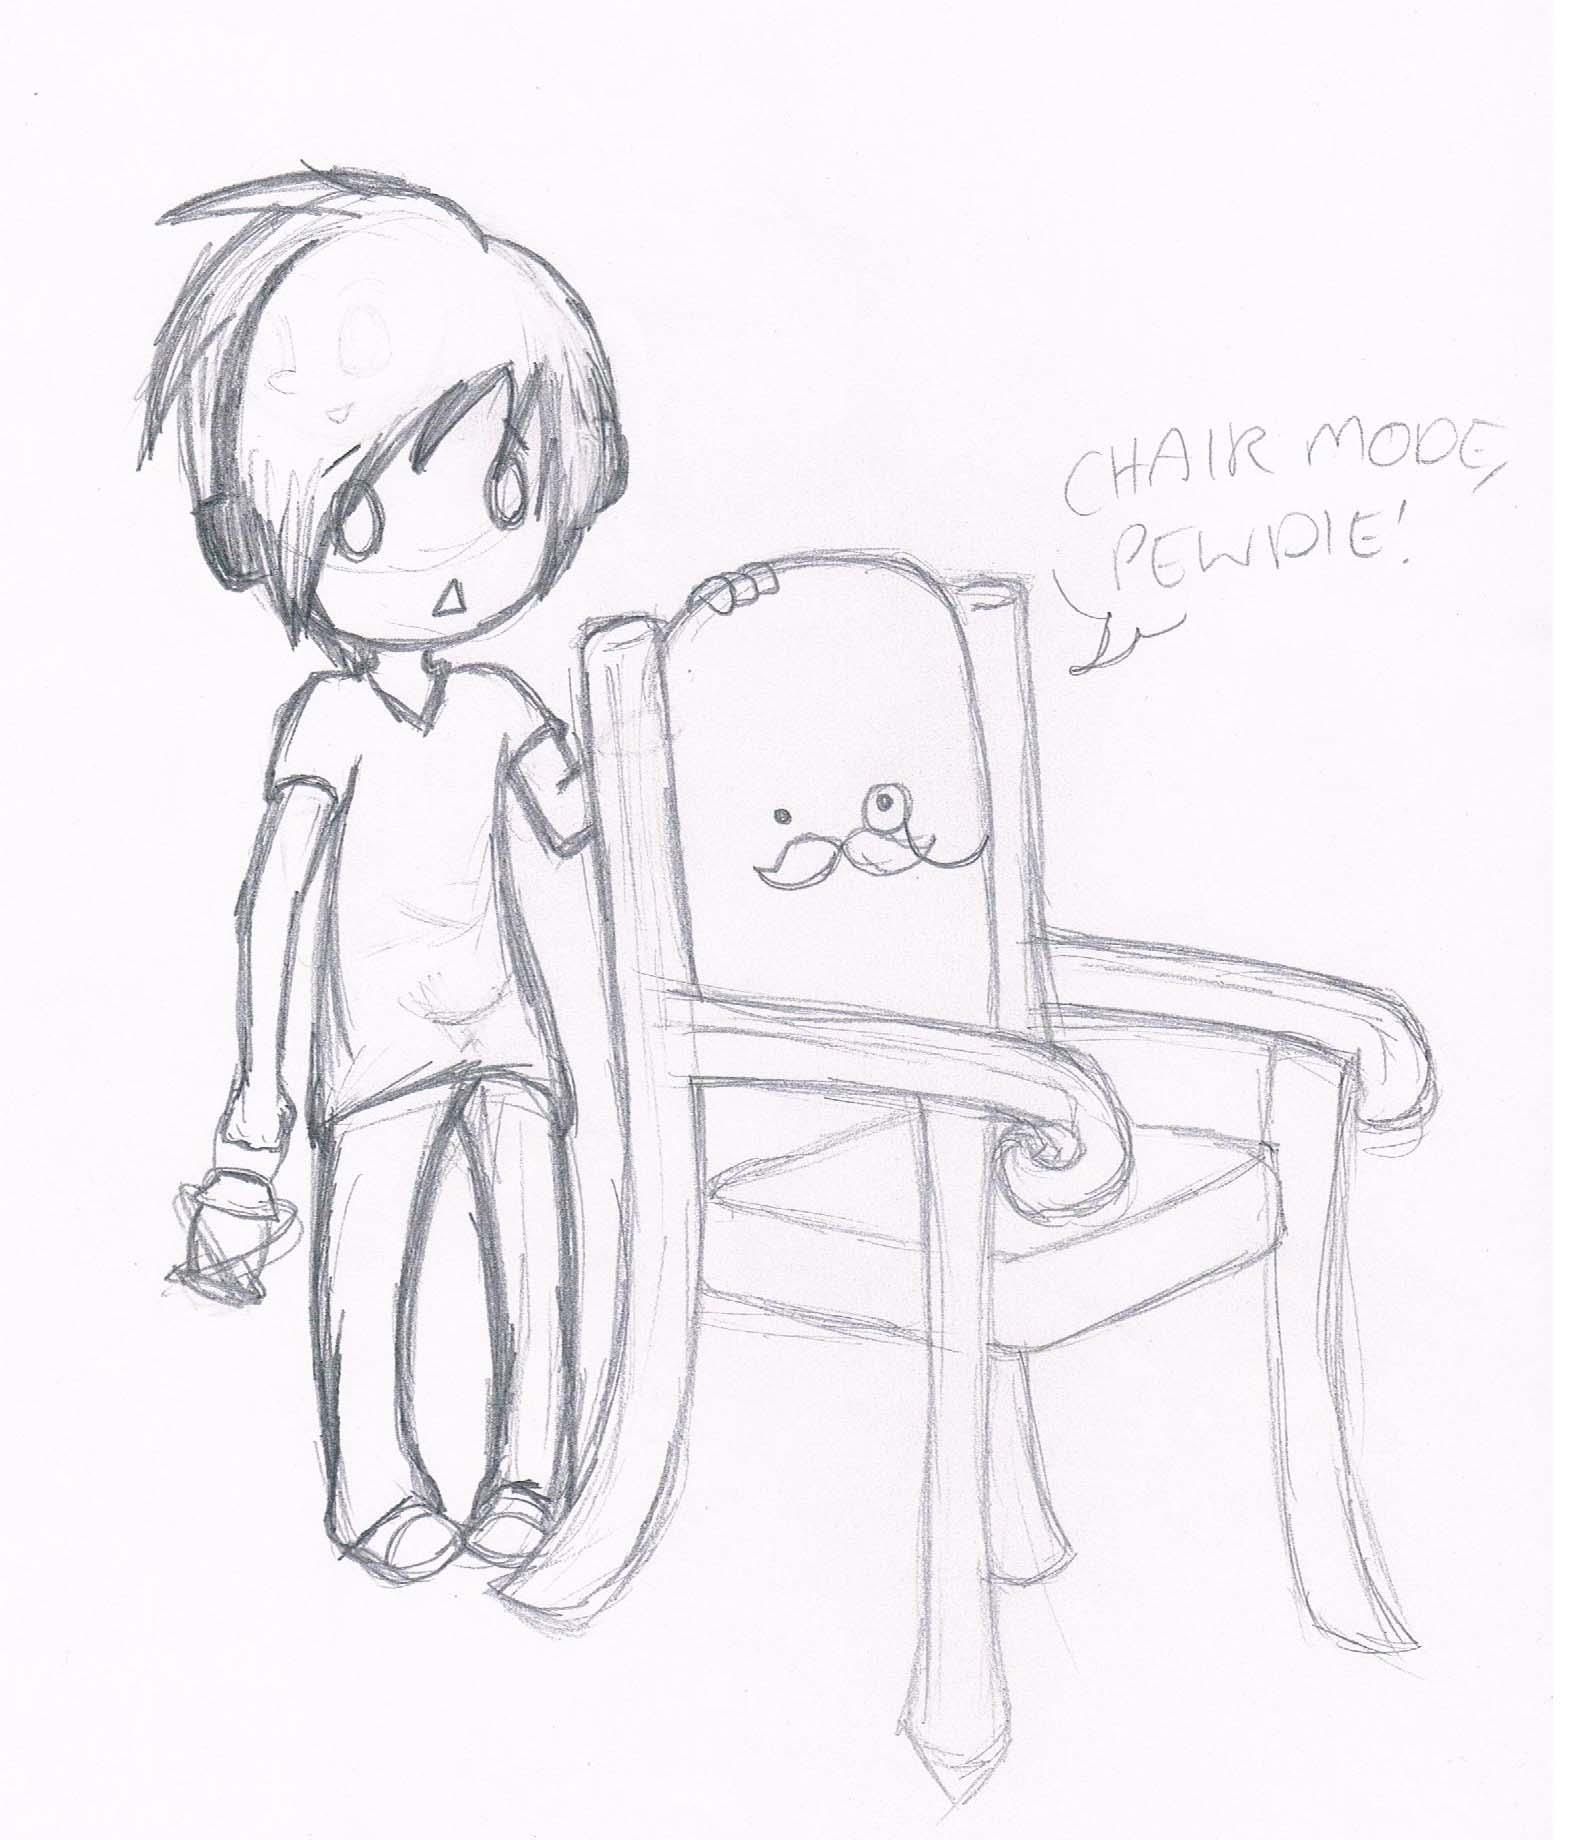 Chair Mode, Pewdie! by HeeeeresIzzy